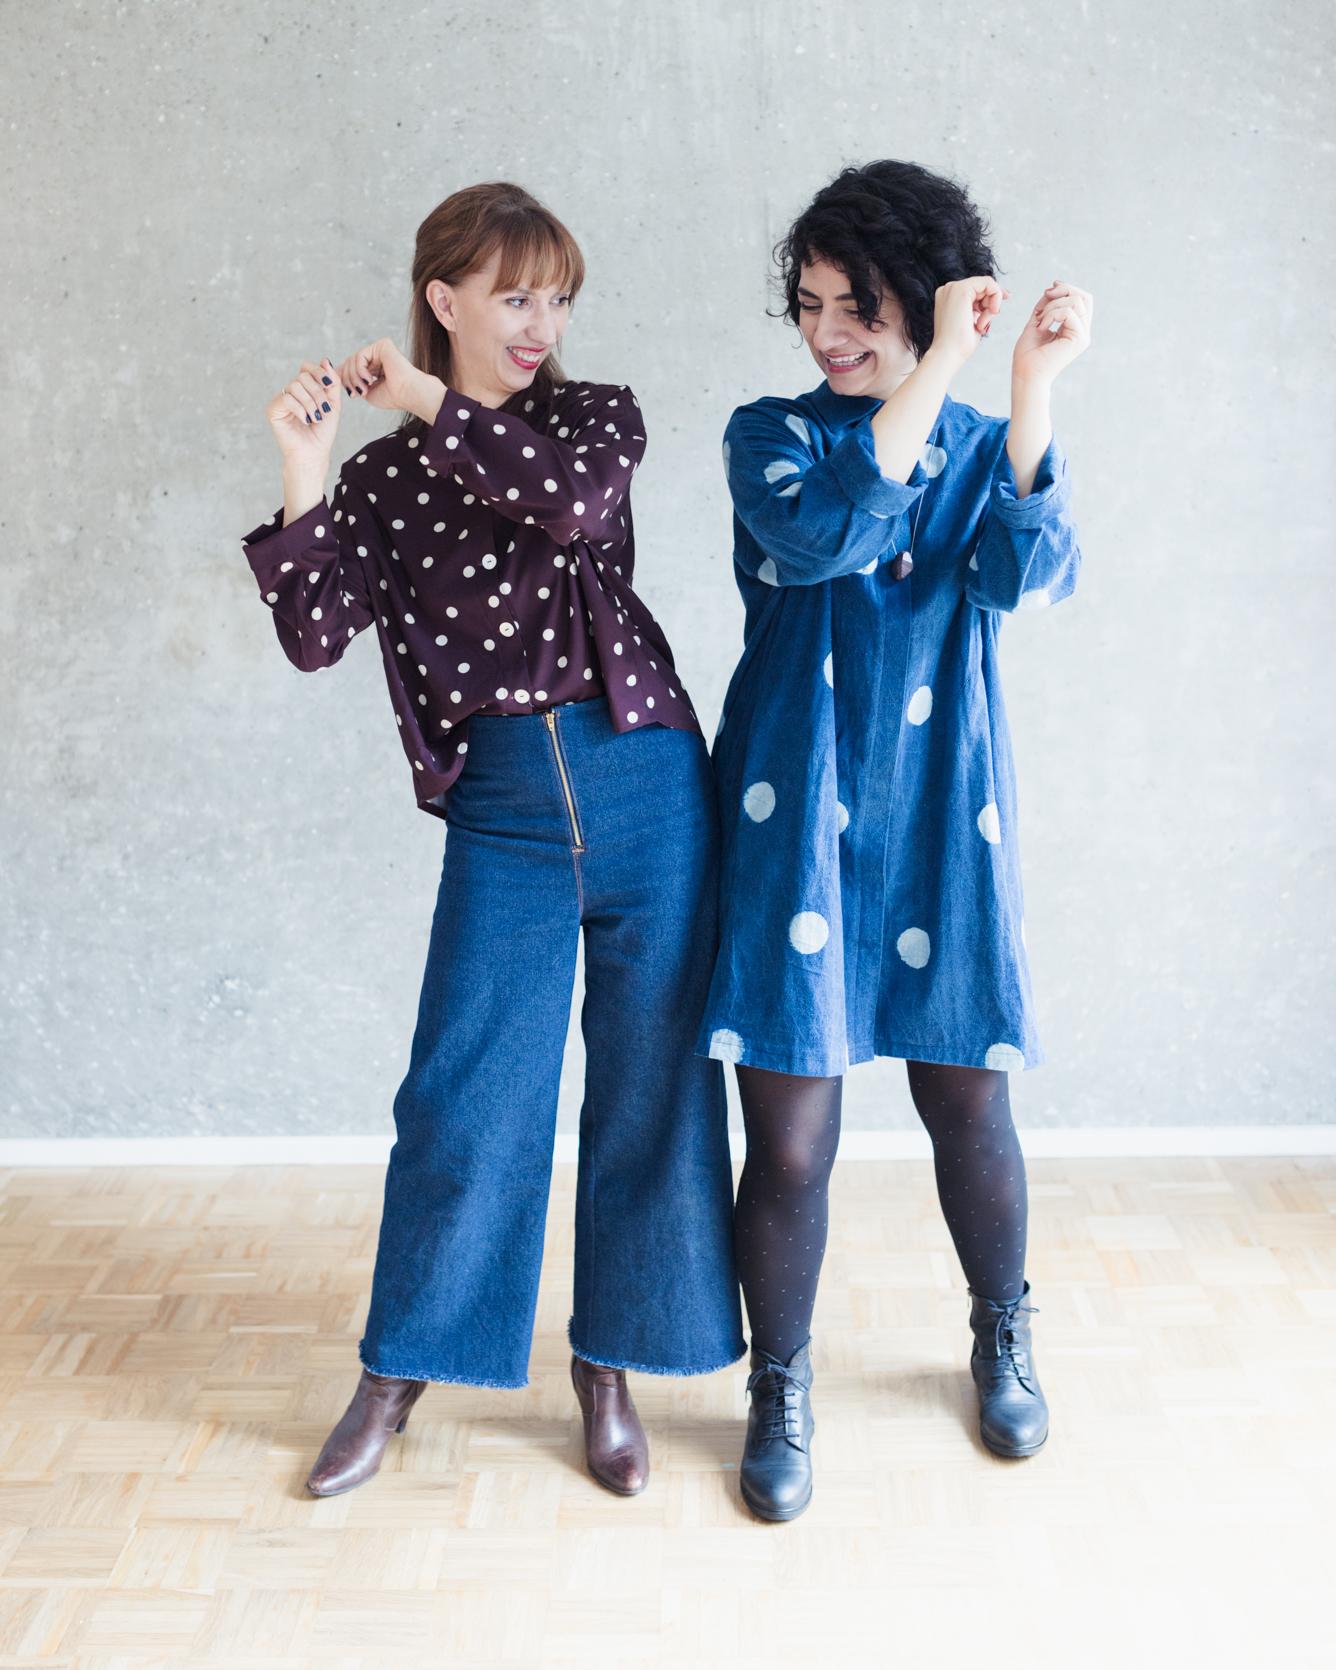 Blusenkleid nähen: Schnittmuster Oversize Bluse und Blusenkleid Cocoon - Schnittduett